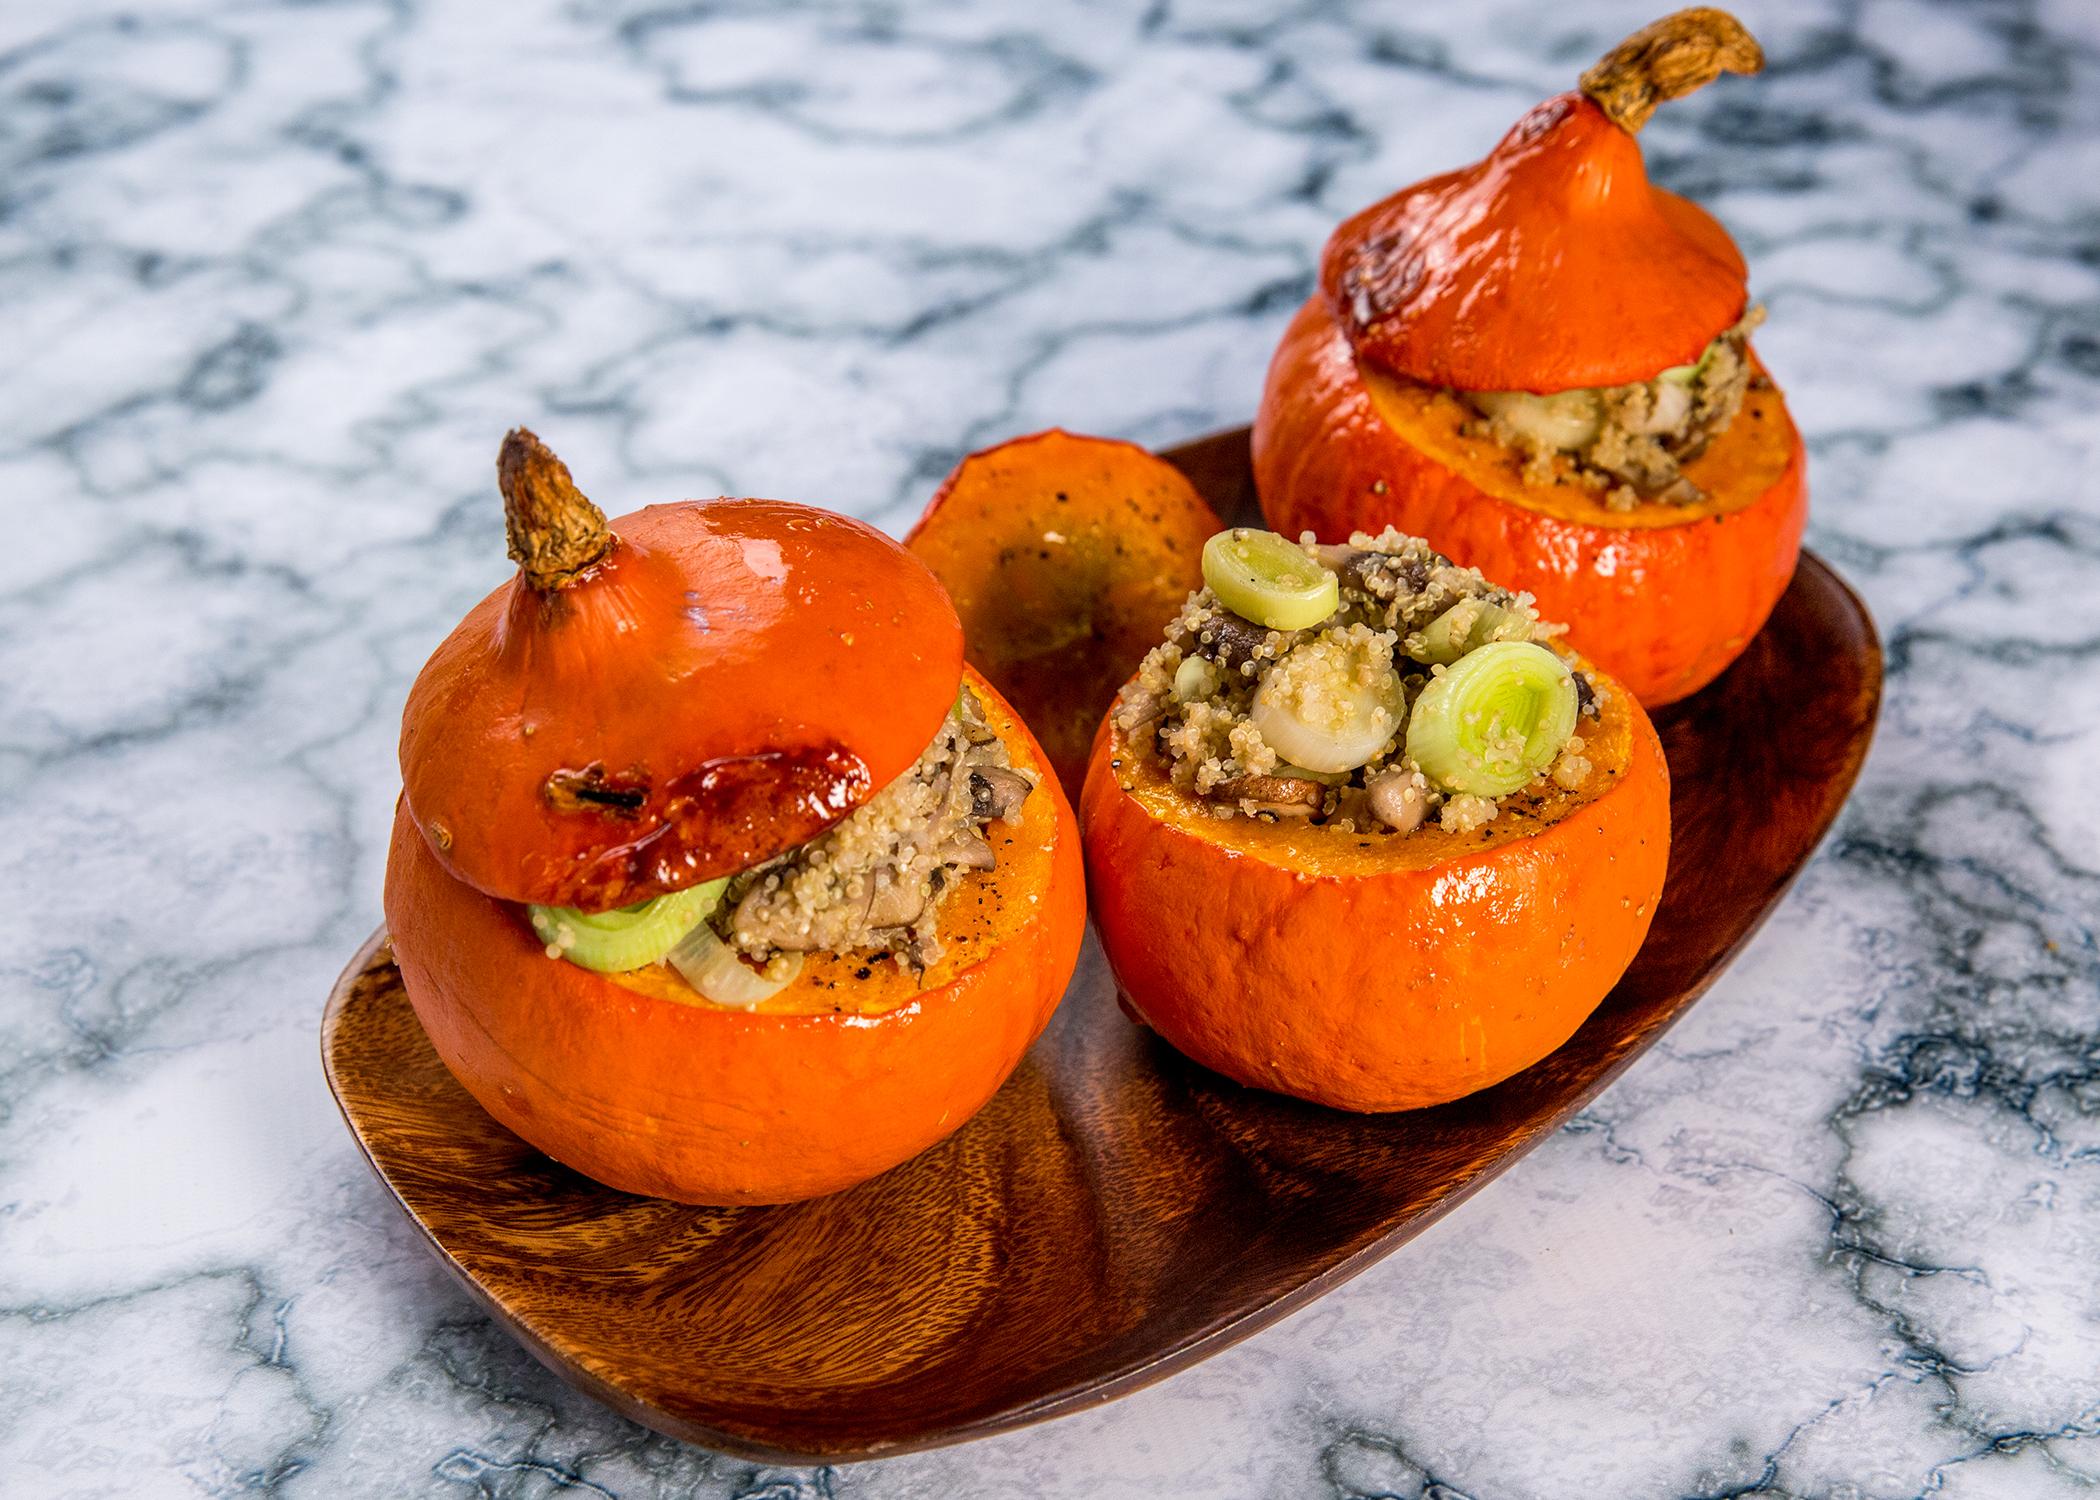 Quinoa-Filled Pumpkins